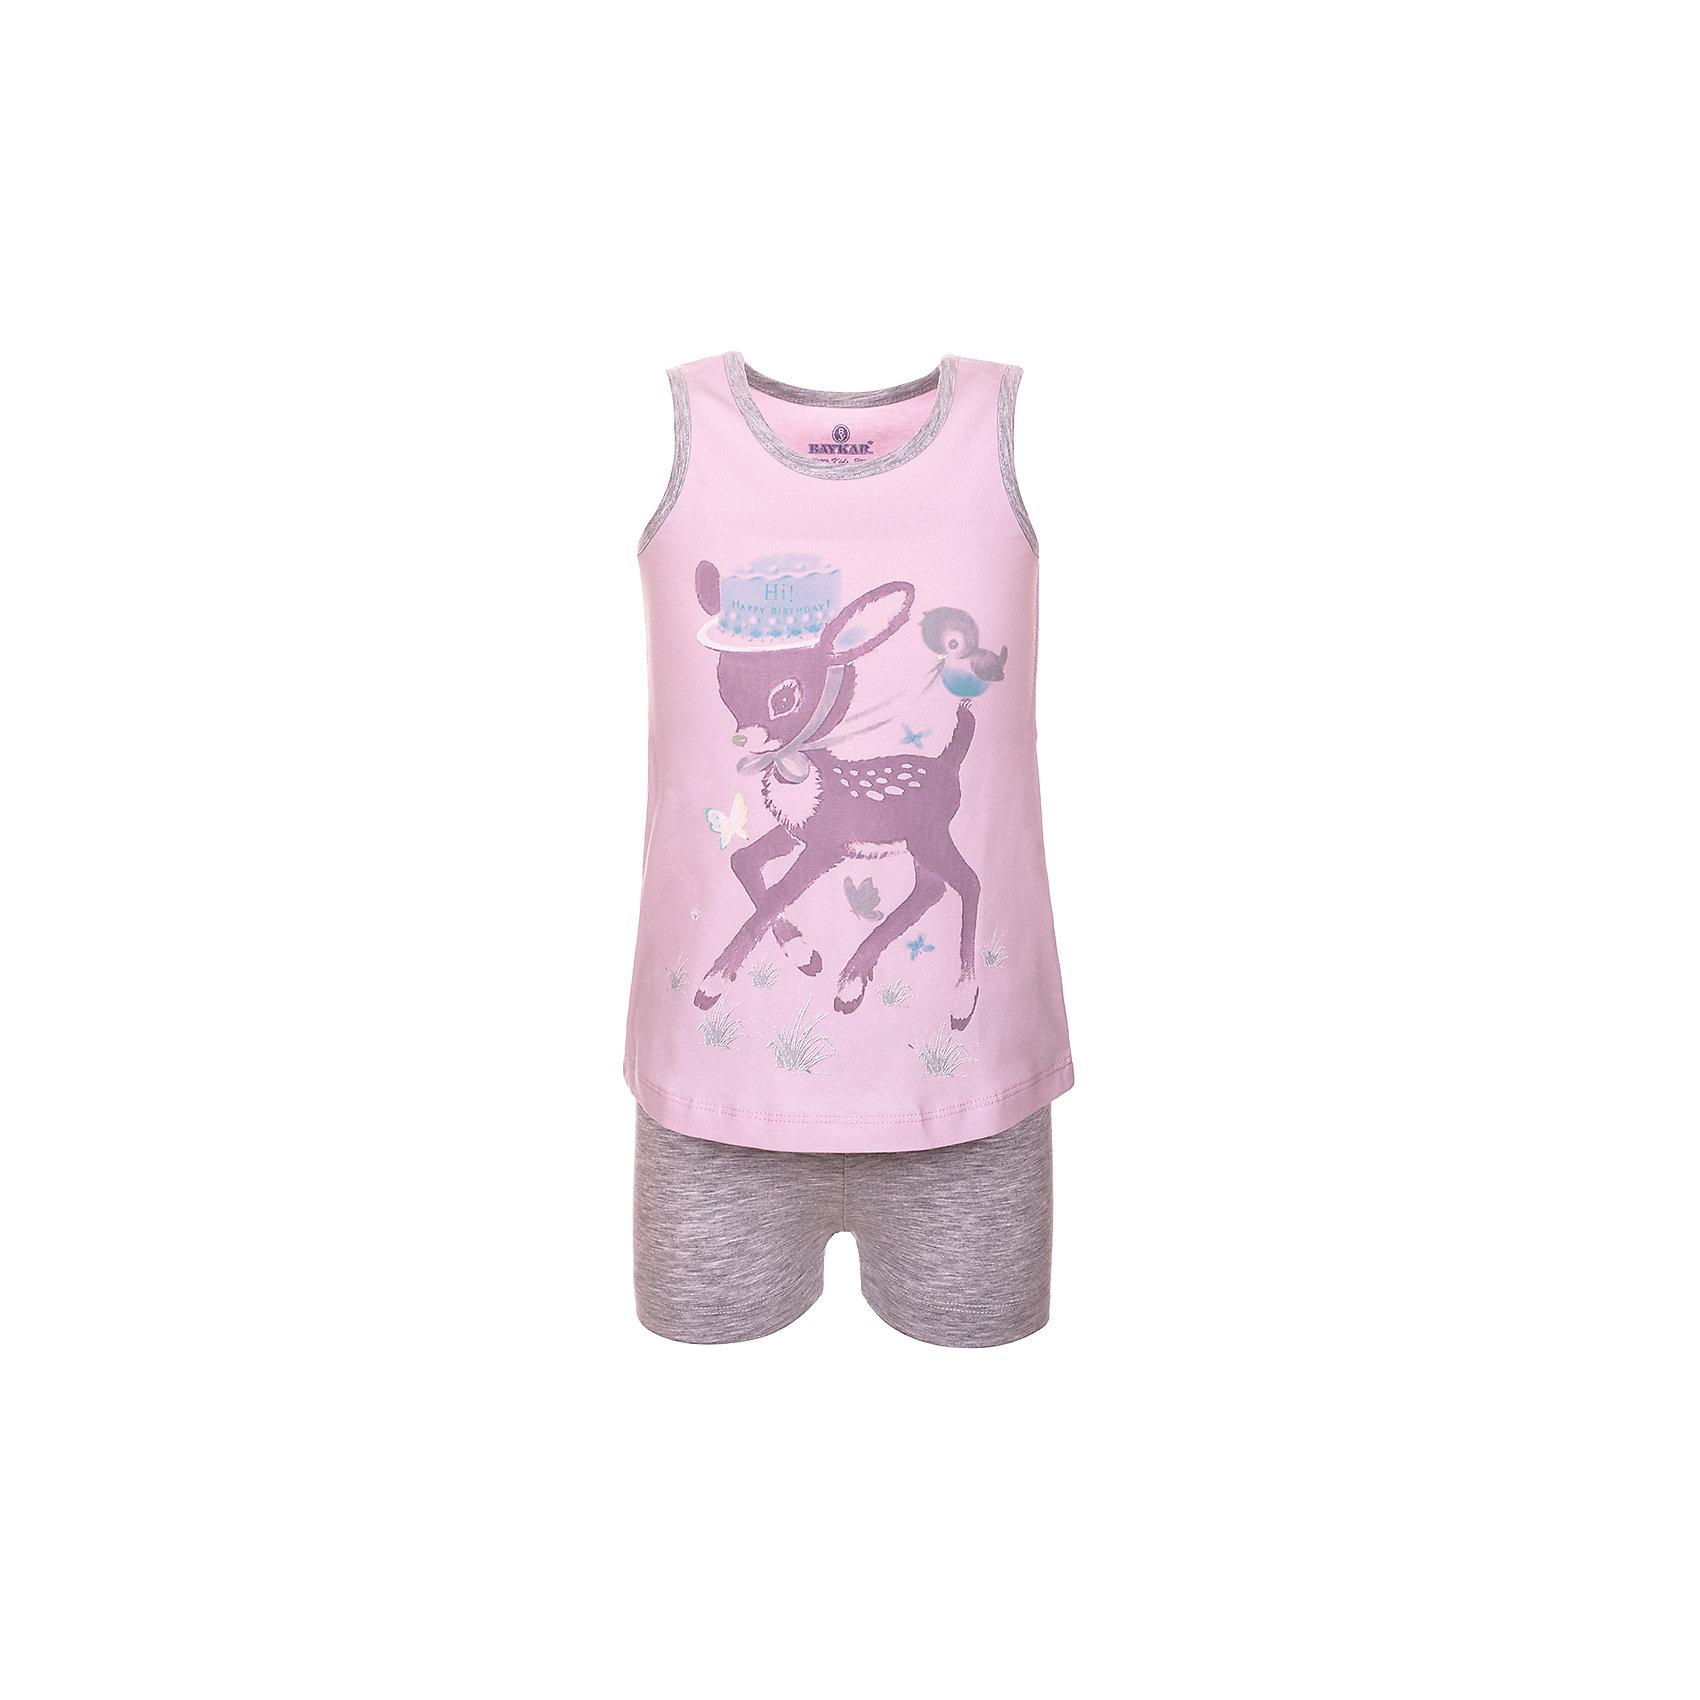 Пижама для девочки BaykarПижамы и сорочки<br>Характеристики товара:<br><br>• цвет: розовый<br>• состав ткани: 95% хлопок; 5% эластан<br>• комплектация: майка, шорты<br>• пояс шорт: резинка<br>• сезон: круглый год<br>• страна бренда: Турция<br>• страна изготовитель: Турция<br><br>Пижама для девочки Baykar украшена симпатичным принтом. Этот комплект для сна из майки и шорт сделан из мягкого дышащего материала. <br><br>Продуманный крой обеспечивает комфортную посадку. Розовая пижама для девочки позволяет обеспечить комфортный сон.<br><br>Пижаму для девочки Baykar (Байкар) можно купить в нашем интернет-магазине.<br><br>Ширина мм: 281<br>Глубина мм: 70<br>Высота мм: 188<br>Вес г: 295<br>Цвет: розовый<br>Возраст от месяцев: 72<br>Возраст до месяцев: 84<br>Пол: Женский<br>Возраст: Детский<br>Размер: 116/122,98/104,104/110,110/116<br>SKU: 6764827